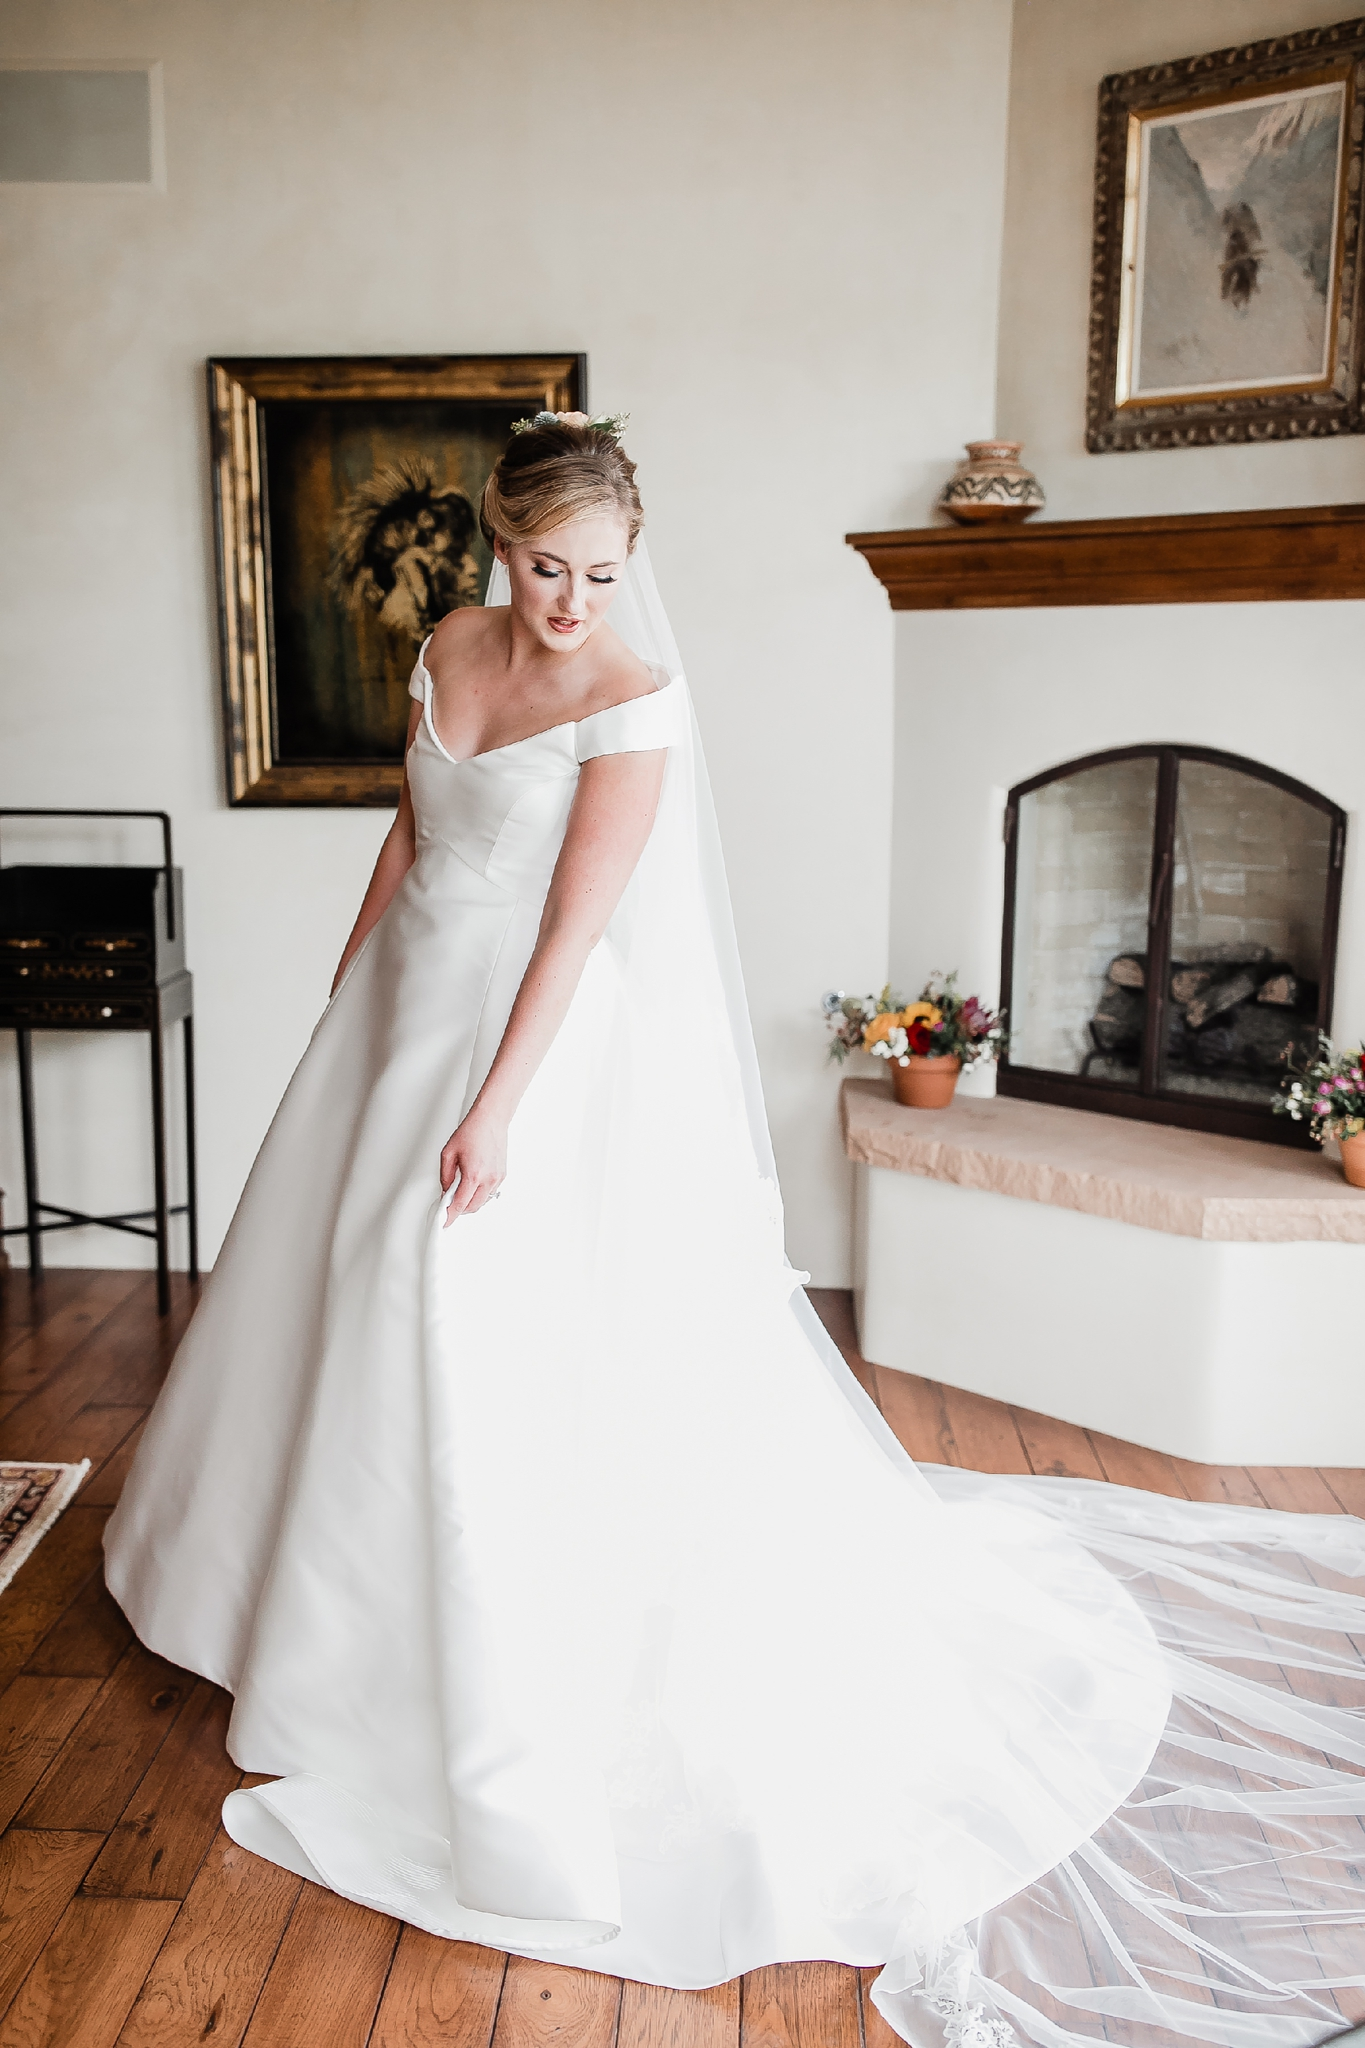 Alicia+lucia+photography+-+albuquerque+wedding+photographer+-+santa+fe+wedding+photography+-+new+mexico+wedding+photographer+-+new+mexico+wedding+-+las+campanas+wedding+-+santa+fe+wedding+-+maximalist+wedding+-+destination+wedding_0018.jpg